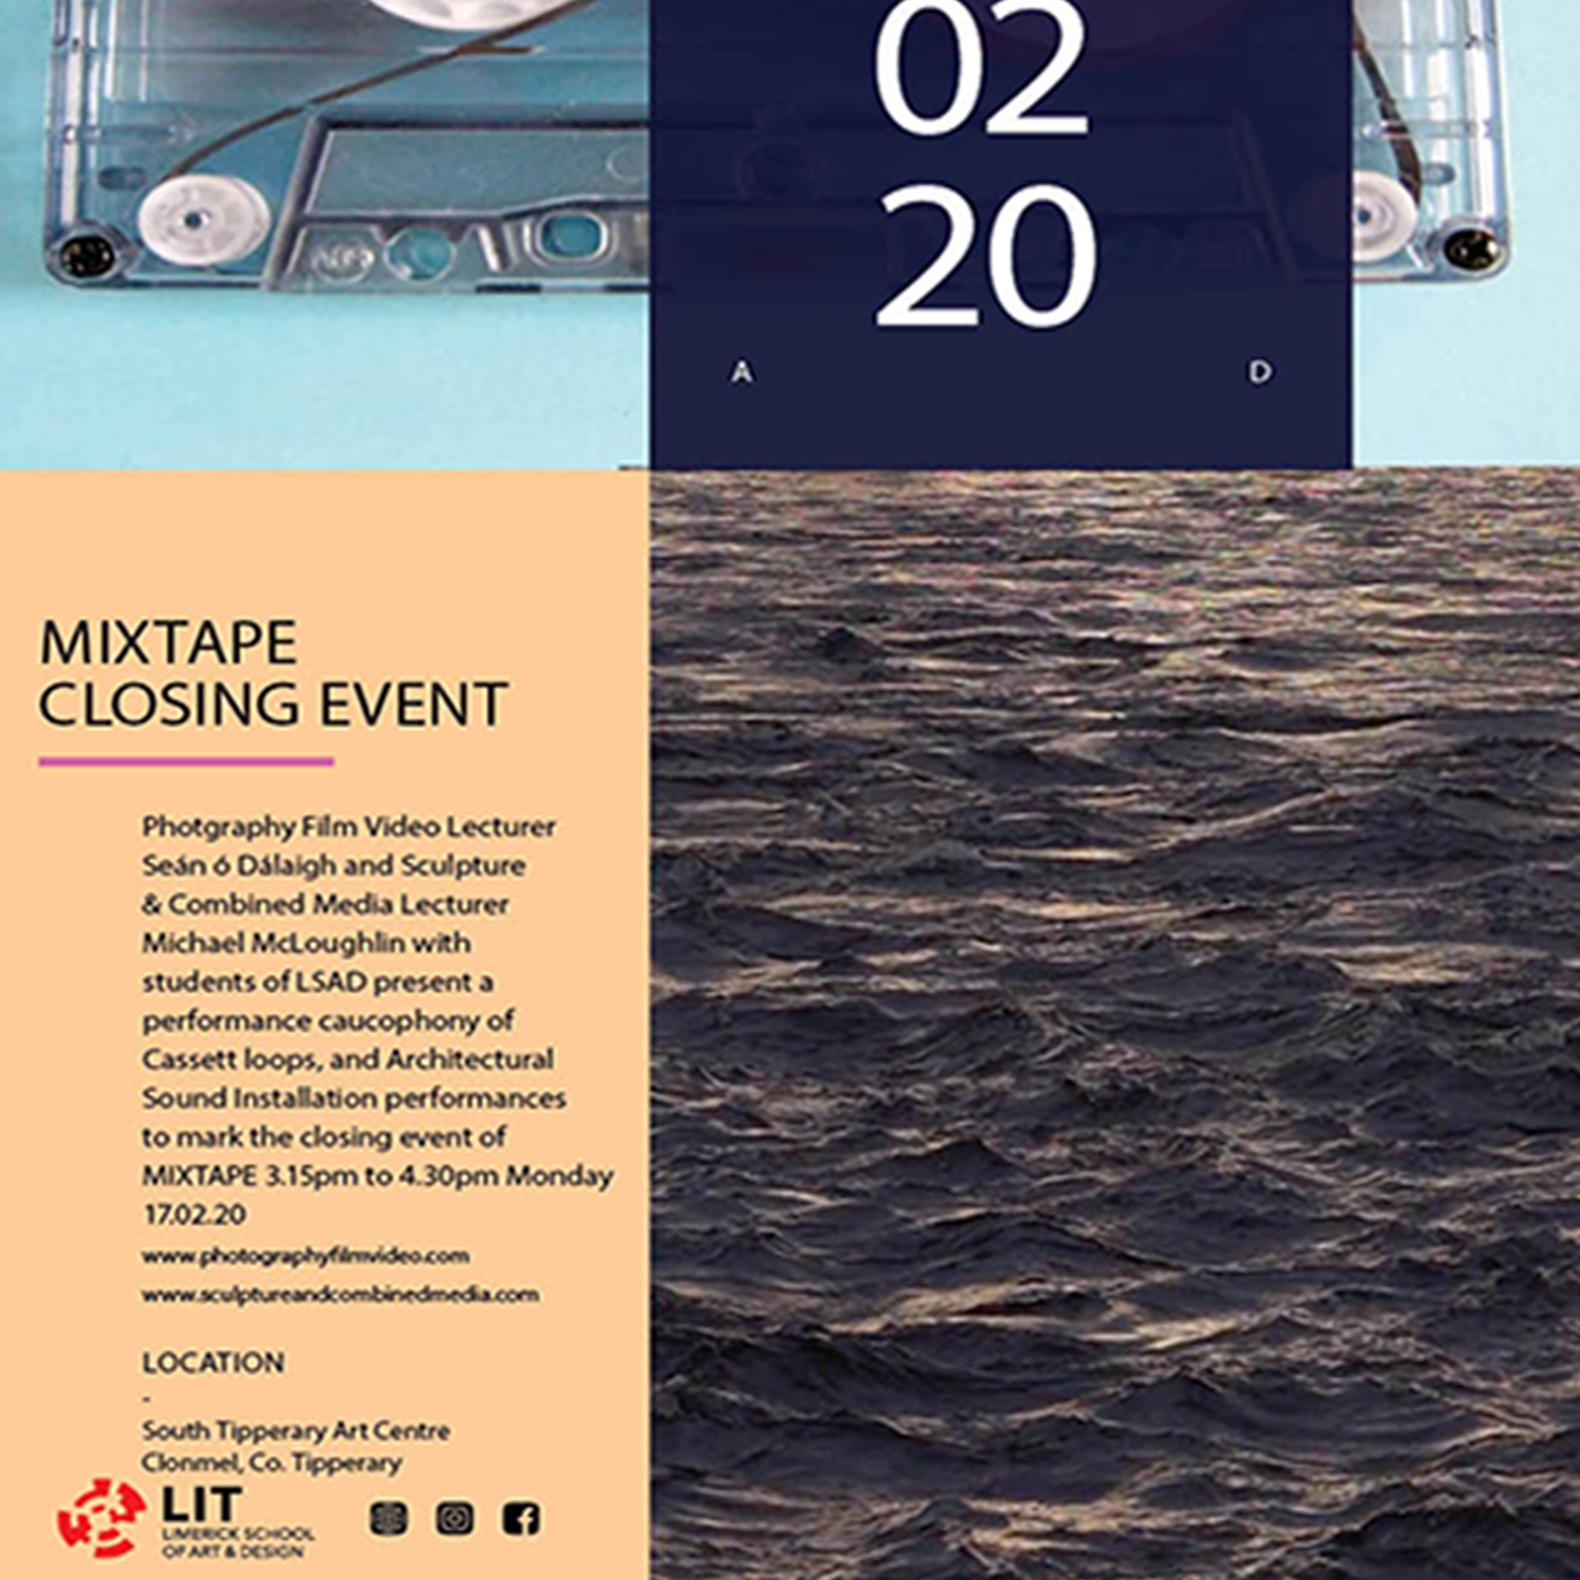 Mixtape The Closing